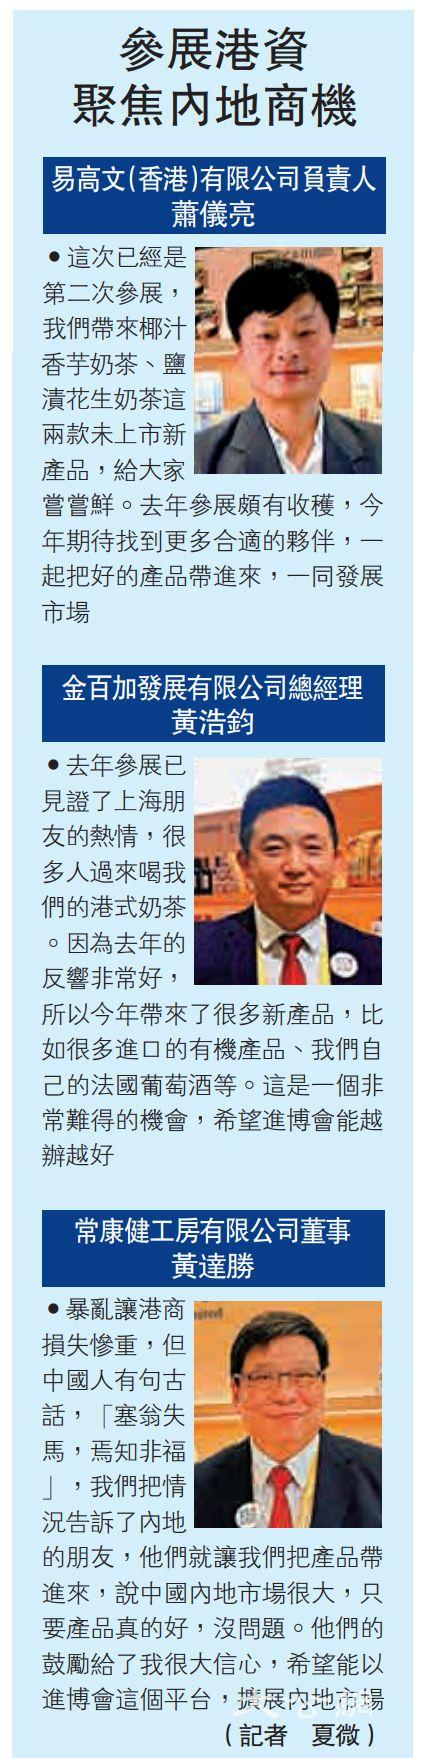 """凸显""""香港制造""""绿色安全"""